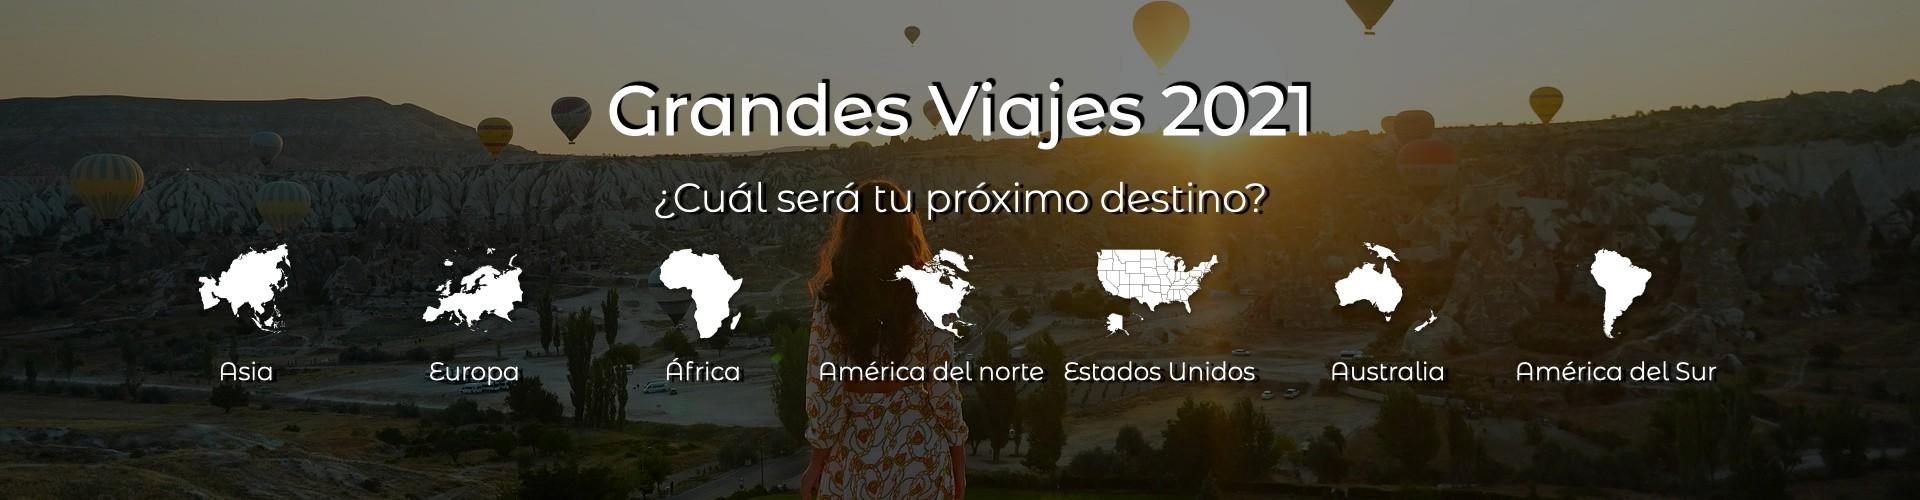 Grandes Viajes 2021